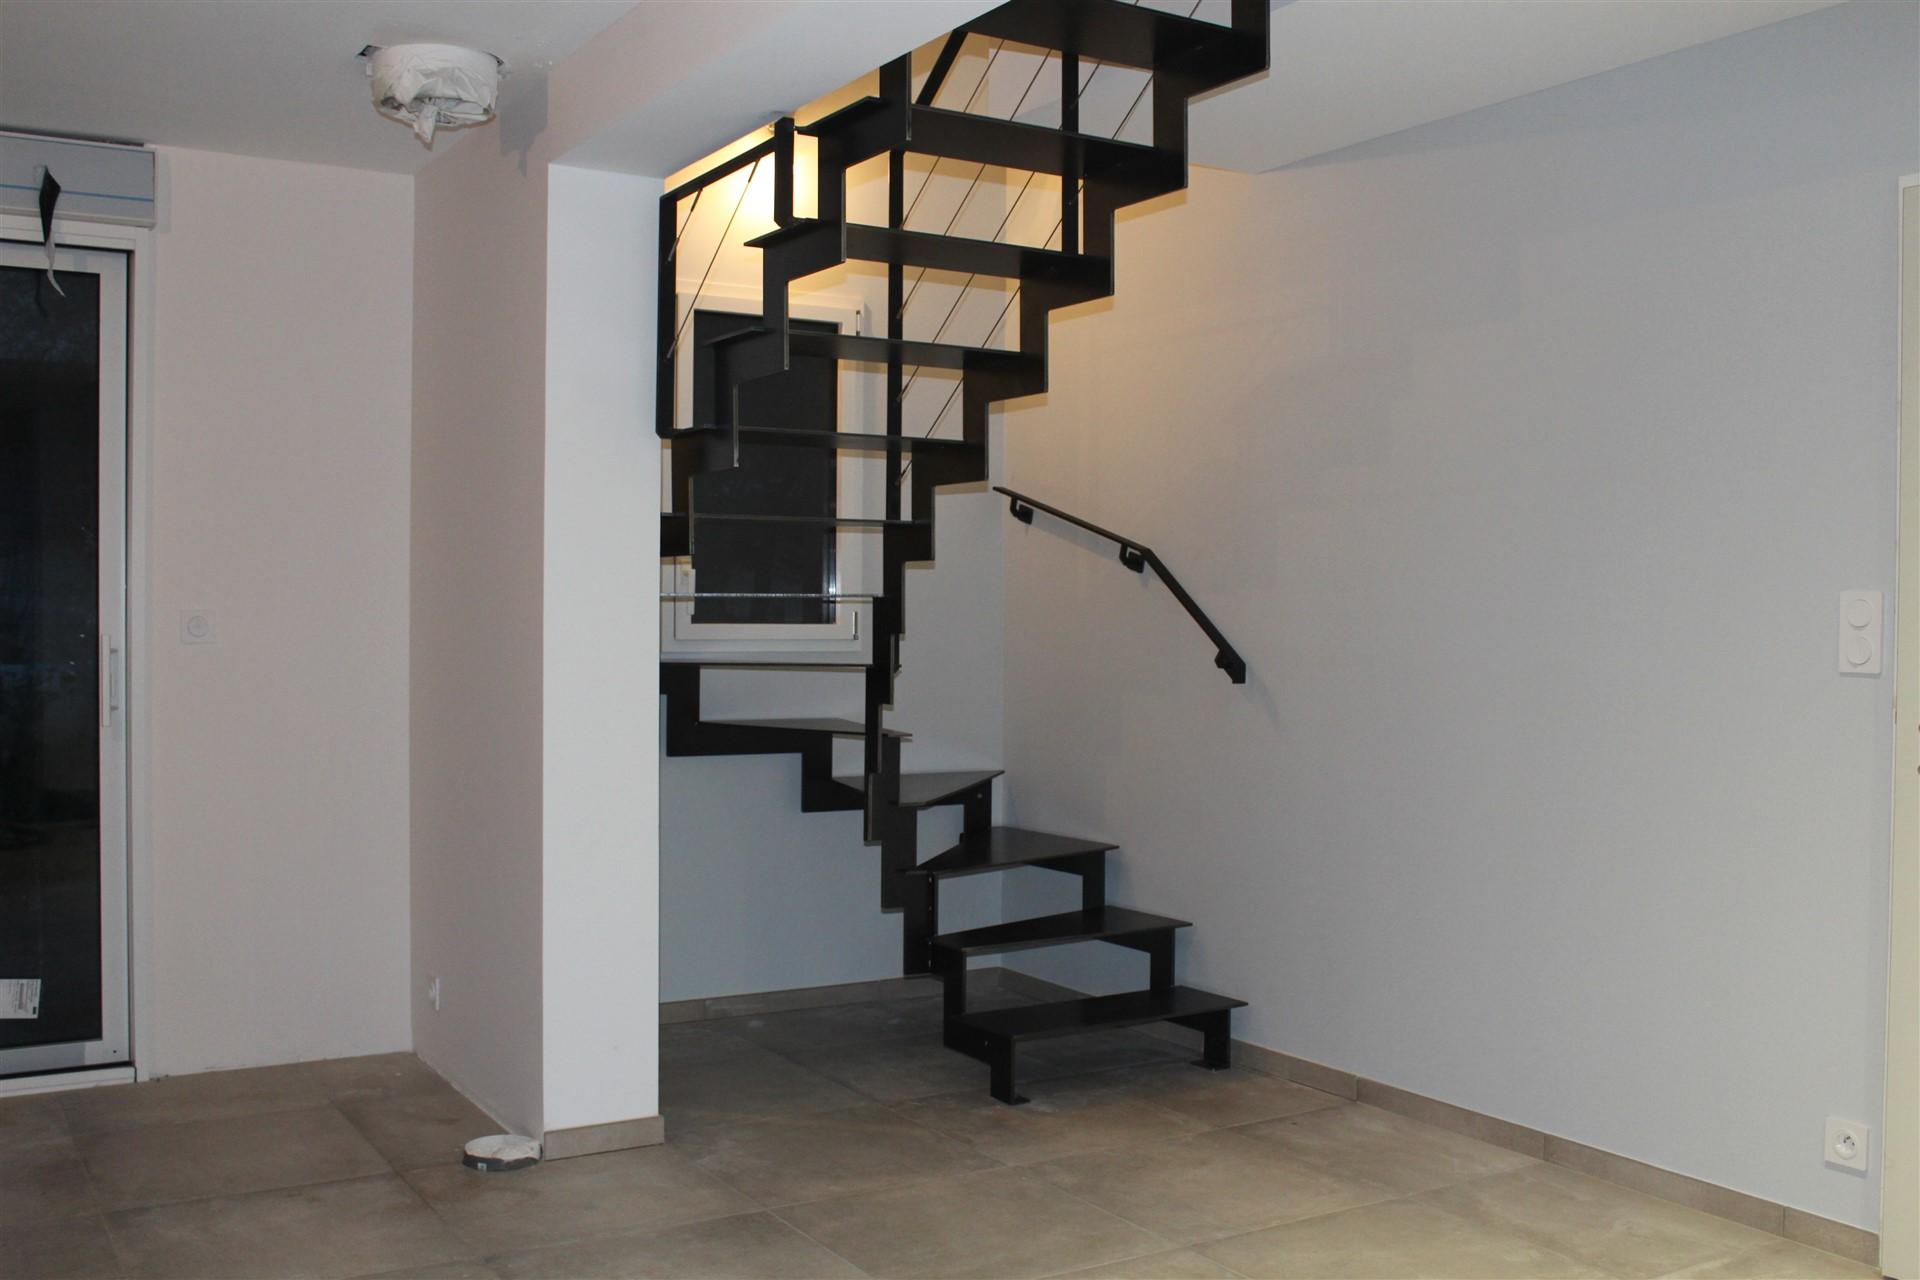 Escalier et marches en acier